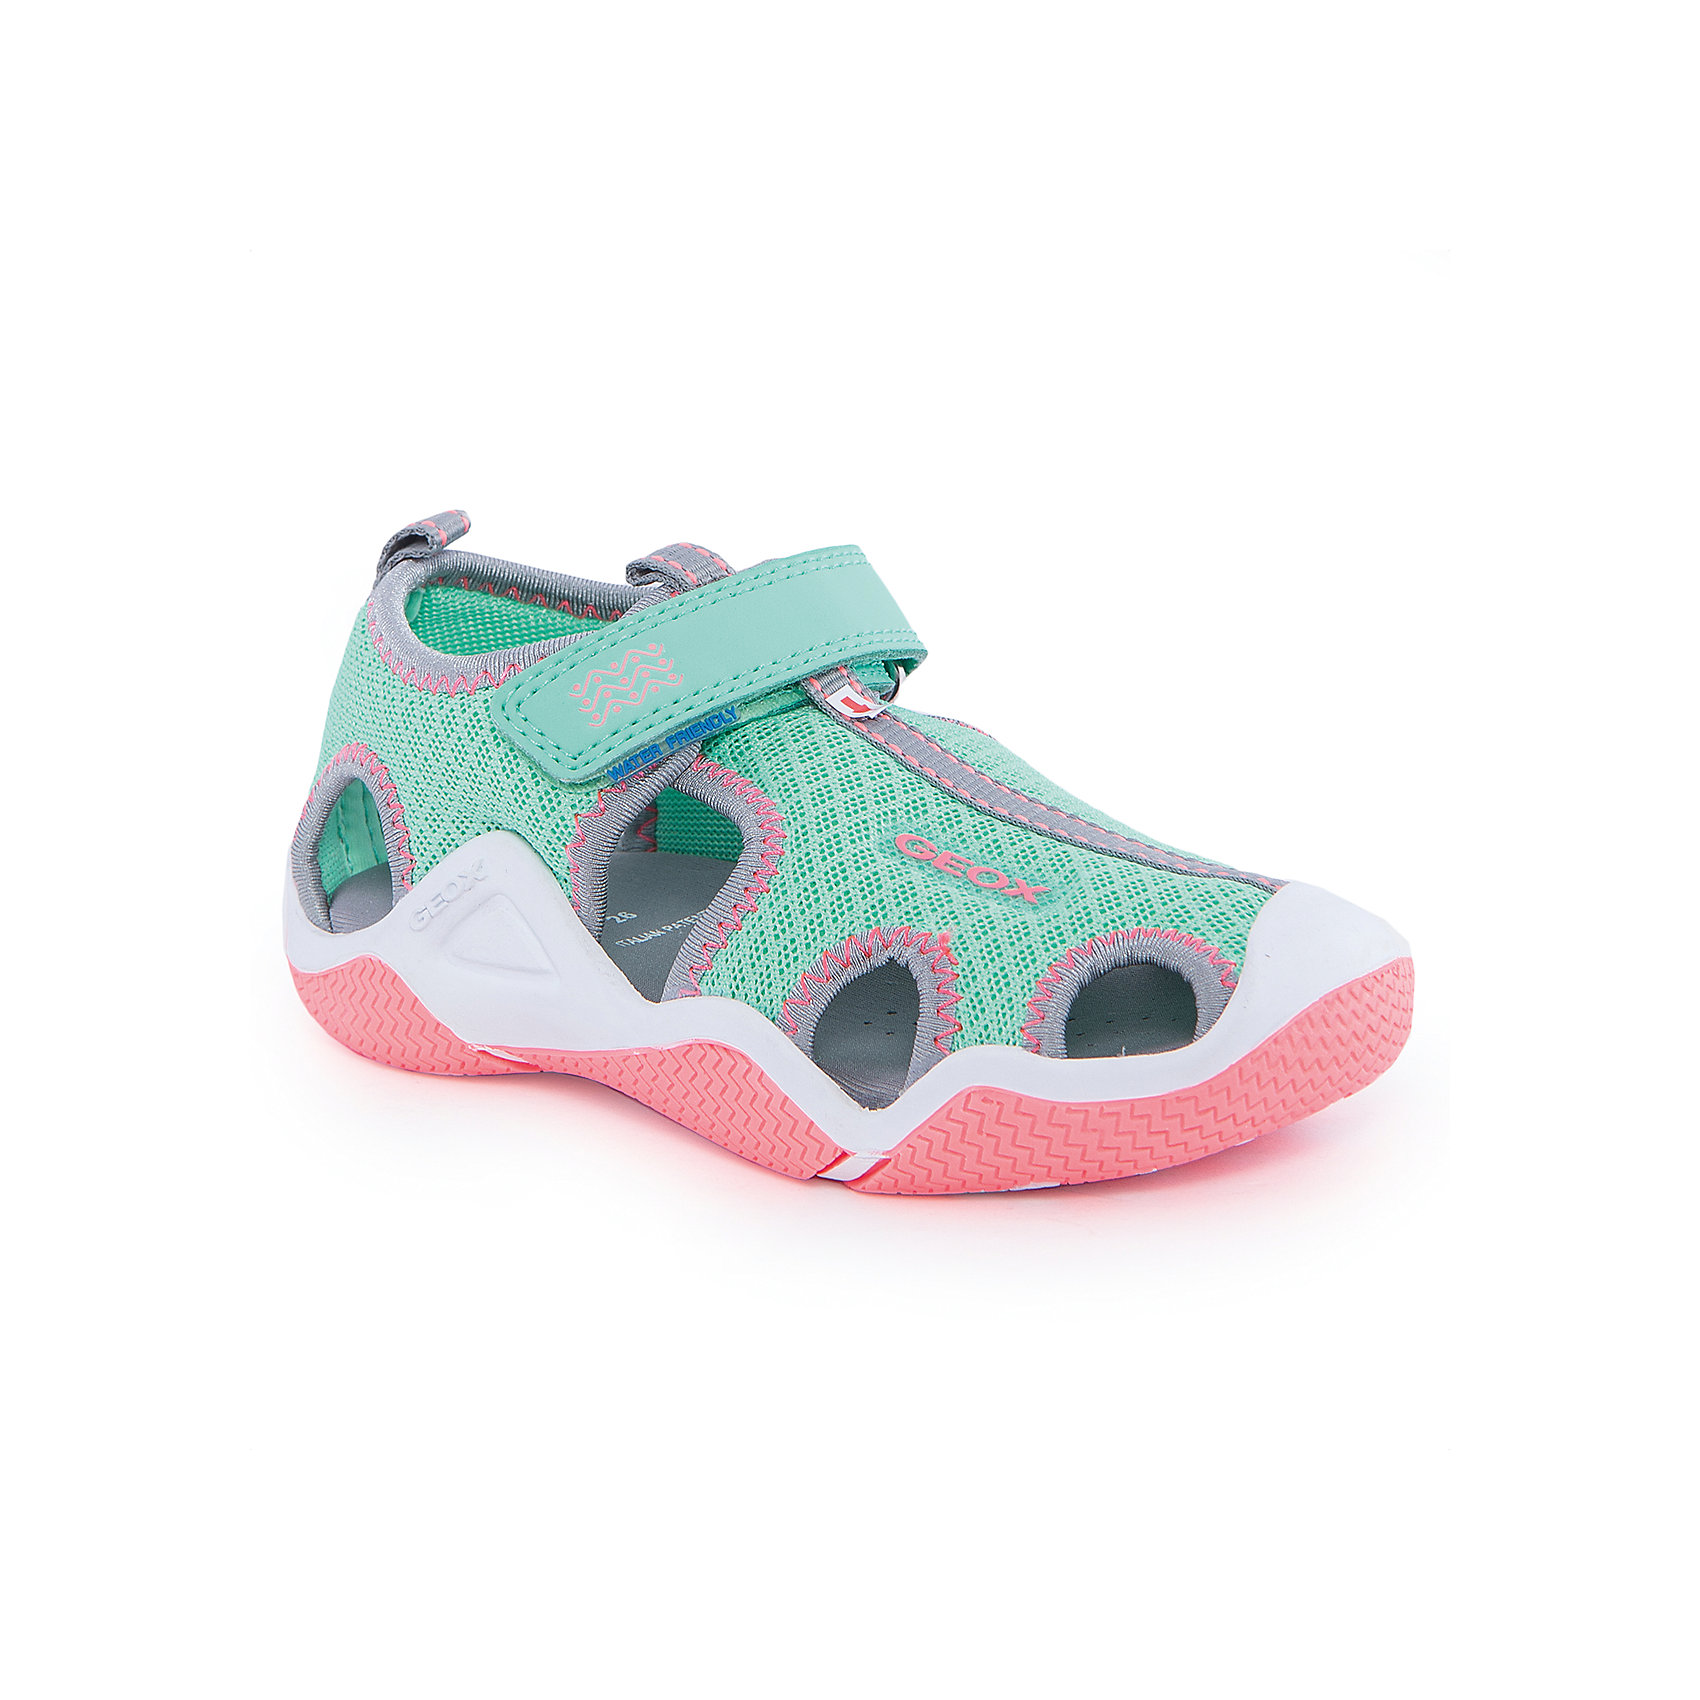 Босоножки для девочки GEOXБосоножки<br>Босоножки для девочки от популярной марки GEOX (Геокс).<br><br>Модные легкие босоножки - отличная обувь для нового летнего сезона. Эта модель создана специально для девочек, она очень стильно и оригинально смотрится.<br>Производитель обуви заботится не только о внешнем виде, но и стабильно высоком качестве продукции. GEOX (Геокс) разработал специальную высокотехнологичную стельку. Вся обувь делается только из качественных и надежных материалов. <br><br>Отличительные особенности модели:<br><br>- цвет: зеленый;<br>- декорирована яркой прострочкой, оранжевой подошвой и серой окантовкой;<br>- гибкая прочная подошва;<br>- мягкий и легкий верх;<br>- защита пальцев;<br>- стильный дизайн;<br>- анатомическая стелька;<br>- удобная застежка - липучка;<br>- технология Geox Respira;<br>- комфортное облегание.<br><br>Дополнительная информация:<br><br>- Сезон: весна/лето.<br><br>- Состав:<br><br>материал верха: текстиль;<br>подошва: 100% резина.<br><br>Босоножки для девочки GEOX (Геокс) можно купить в нашем магазине.<br><br>Ширина мм: 219<br>Глубина мм: 154<br>Высота мм: 121<br>Вес г: 343<br>Цвет: серый<br>Возраст от месяцев: 144<br>Возраст до месяцев: 156<br>Пол: Женский<br>Возраст: Детский<br>Размер: 36,26,37,35,34,33,32,31,30,29,28,27<br>SKU: 4519729